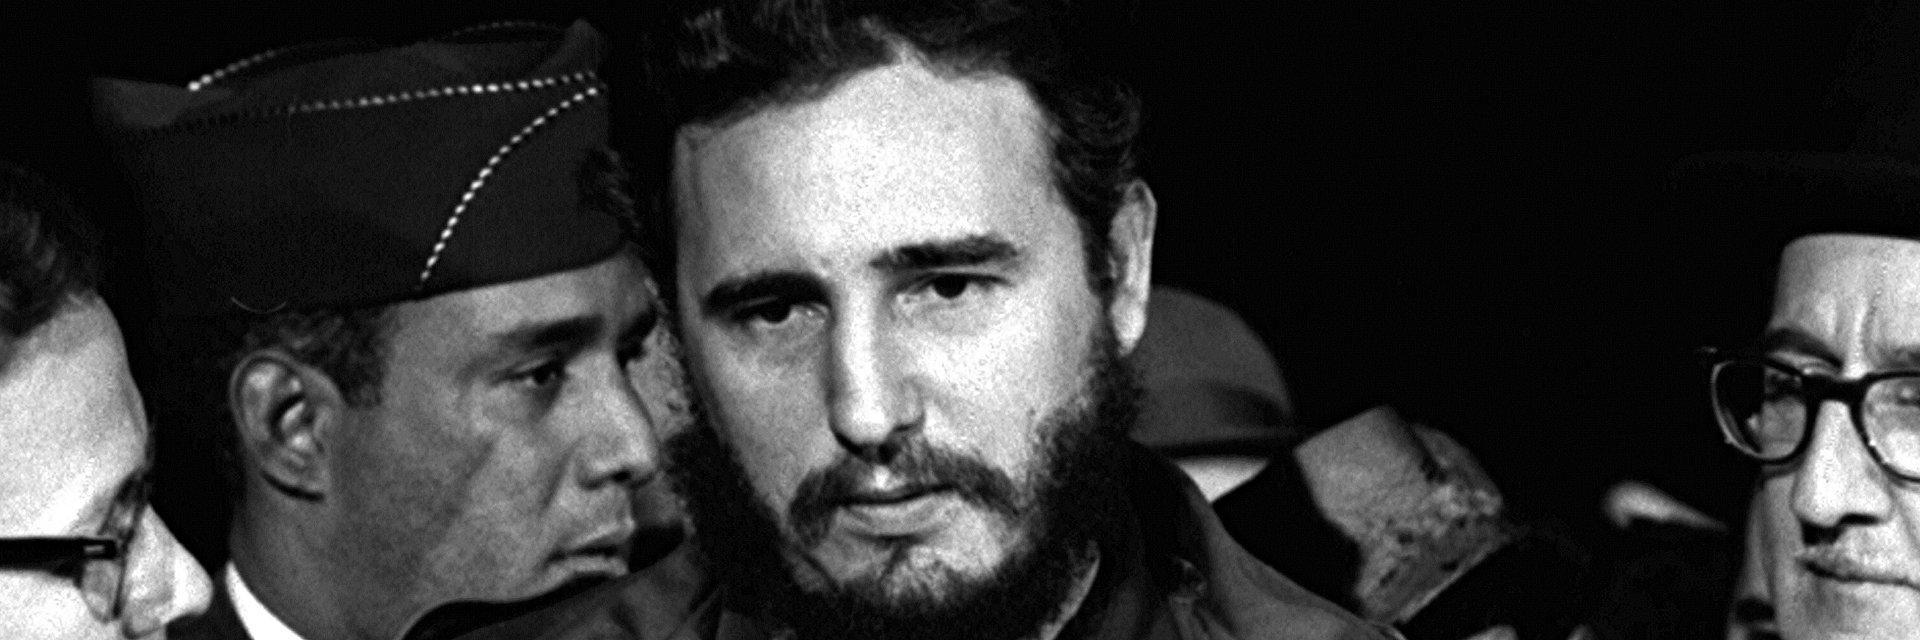 """Co sprawia, że do władzy dochodzą dyktatorzy? Poznajcie """"Korzenie dyktatury"""" w grudniu na kanale National Geographic"""